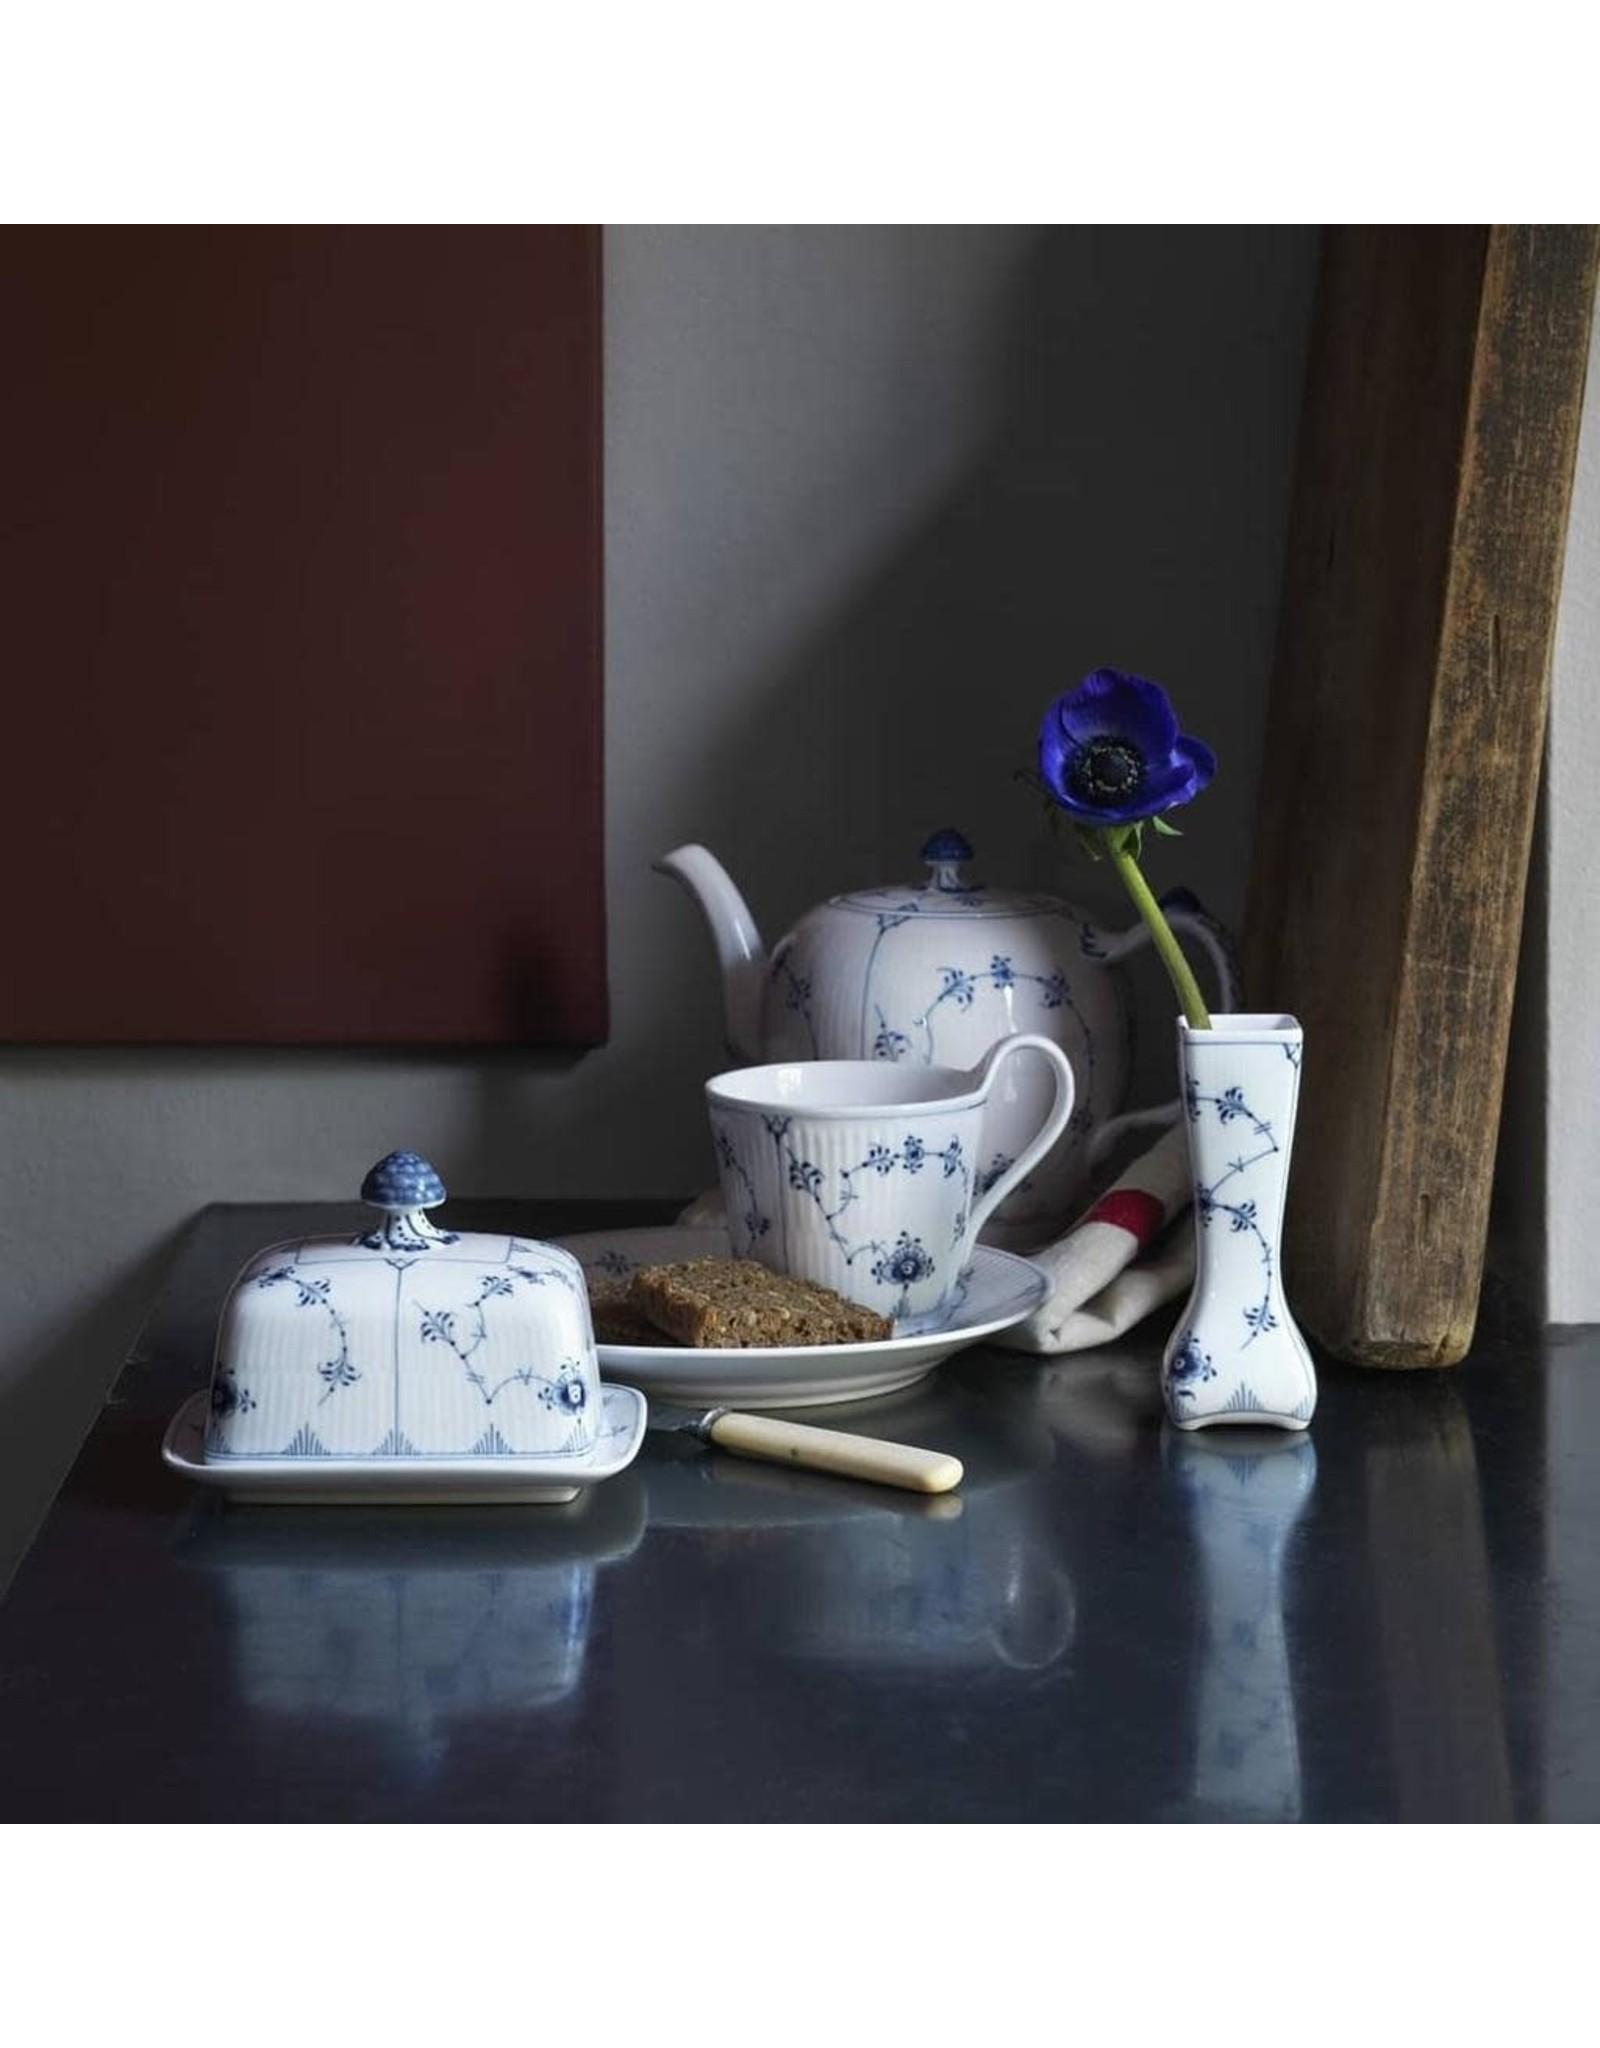 皇家哥本哈根BLUE FLUTE PLAIN高柄杯, 33CL